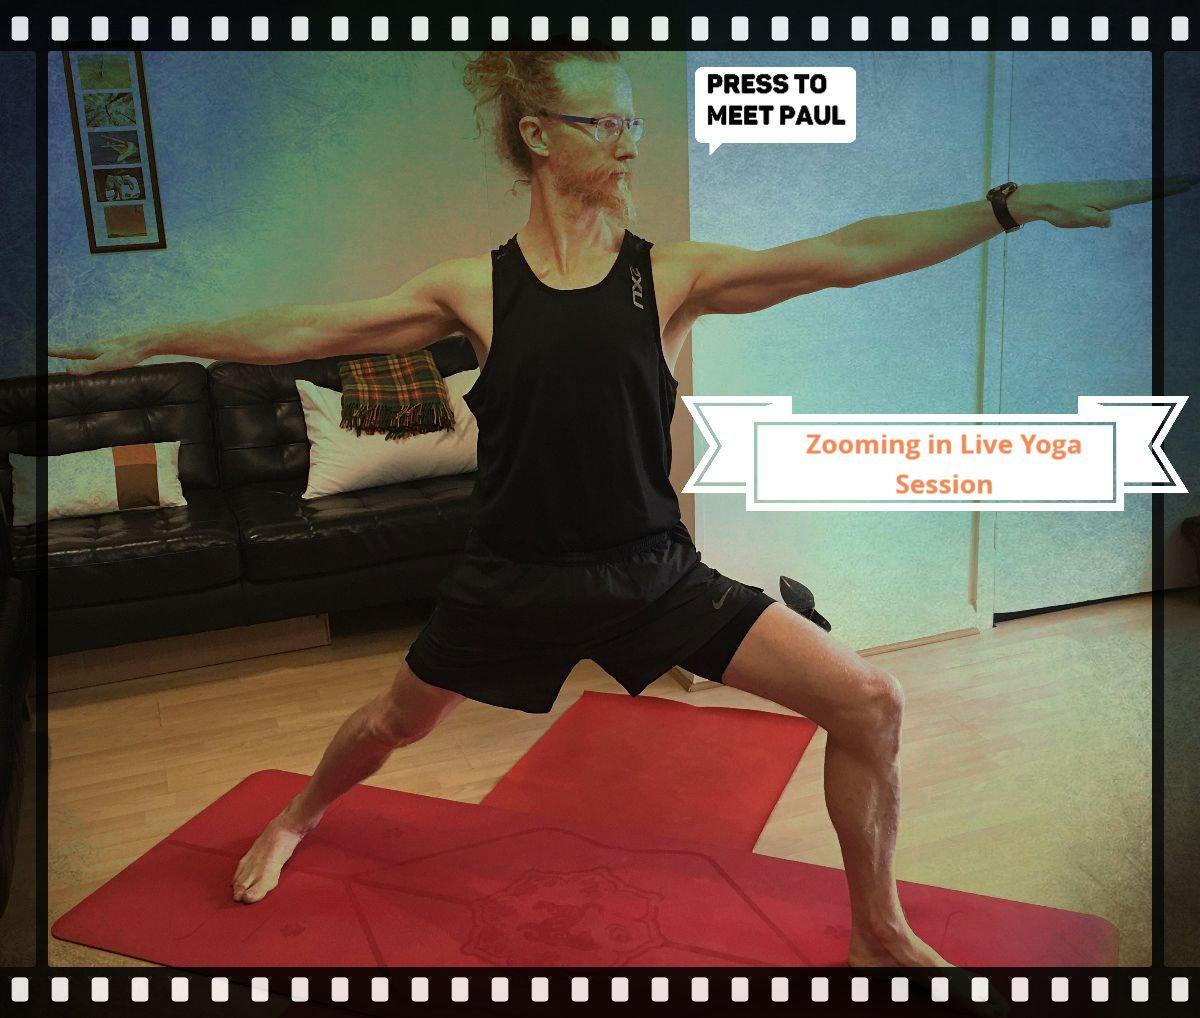 Paul's Power Yoga